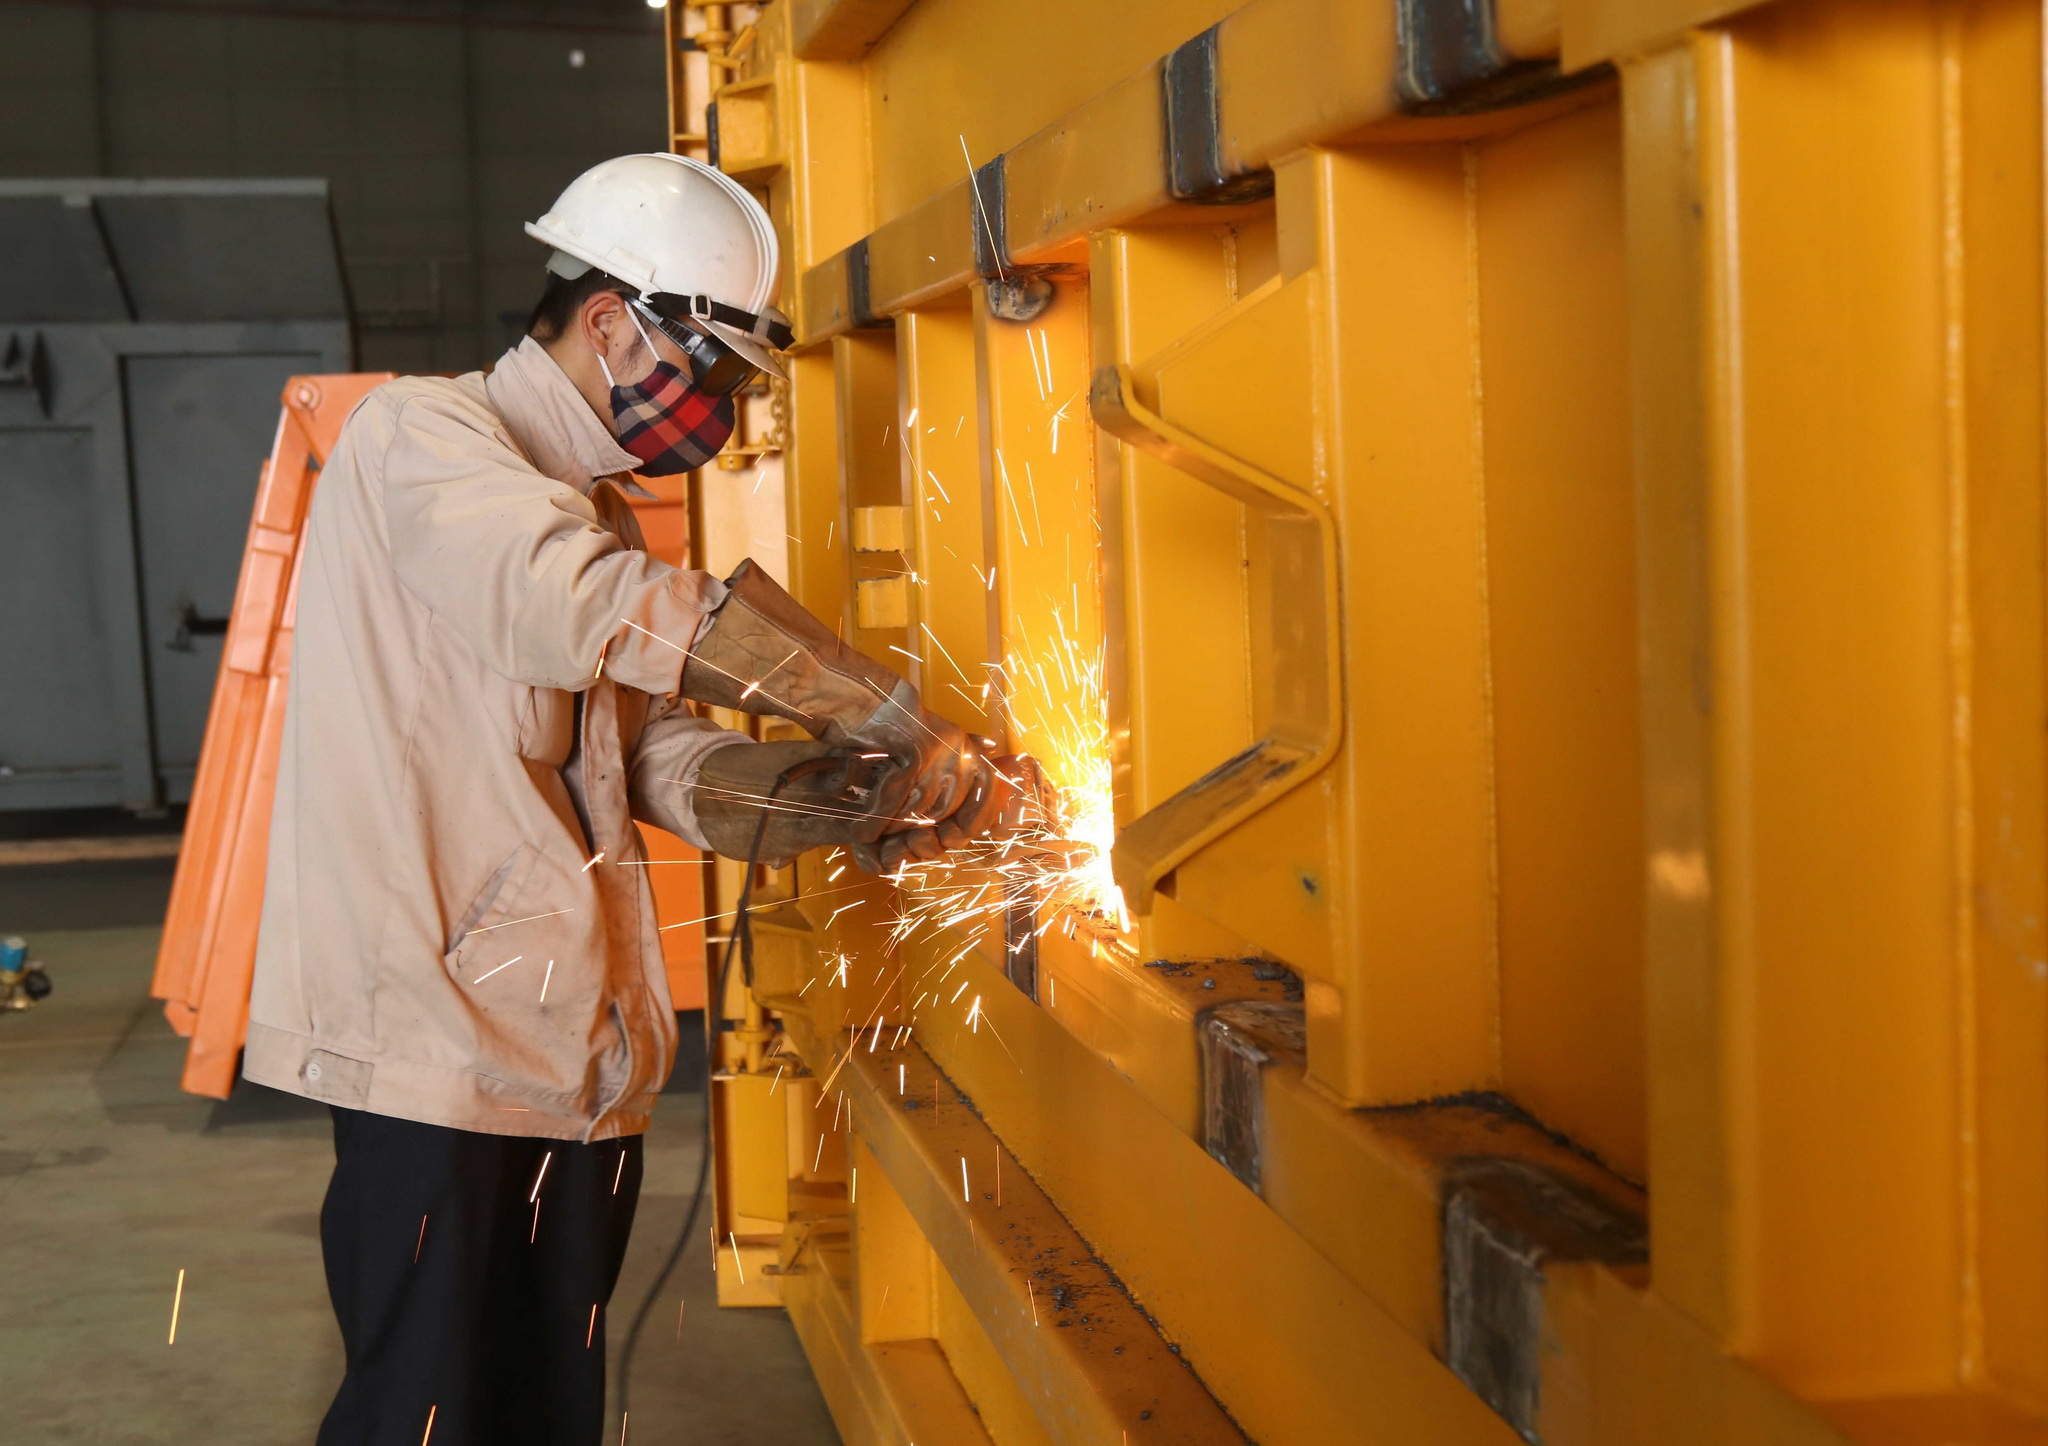 Công nhân sản xuất lắp ráp các chủng loại xe đầu kéo, xe ben tải nặng từ 8 tấn đến 90 tấn tại Công ty TNHH Liên doanh Maz Asia có vốn đầu tư của Cộng hòa Belarus. (Ảnh: Phạm Kiên/TTXVN)